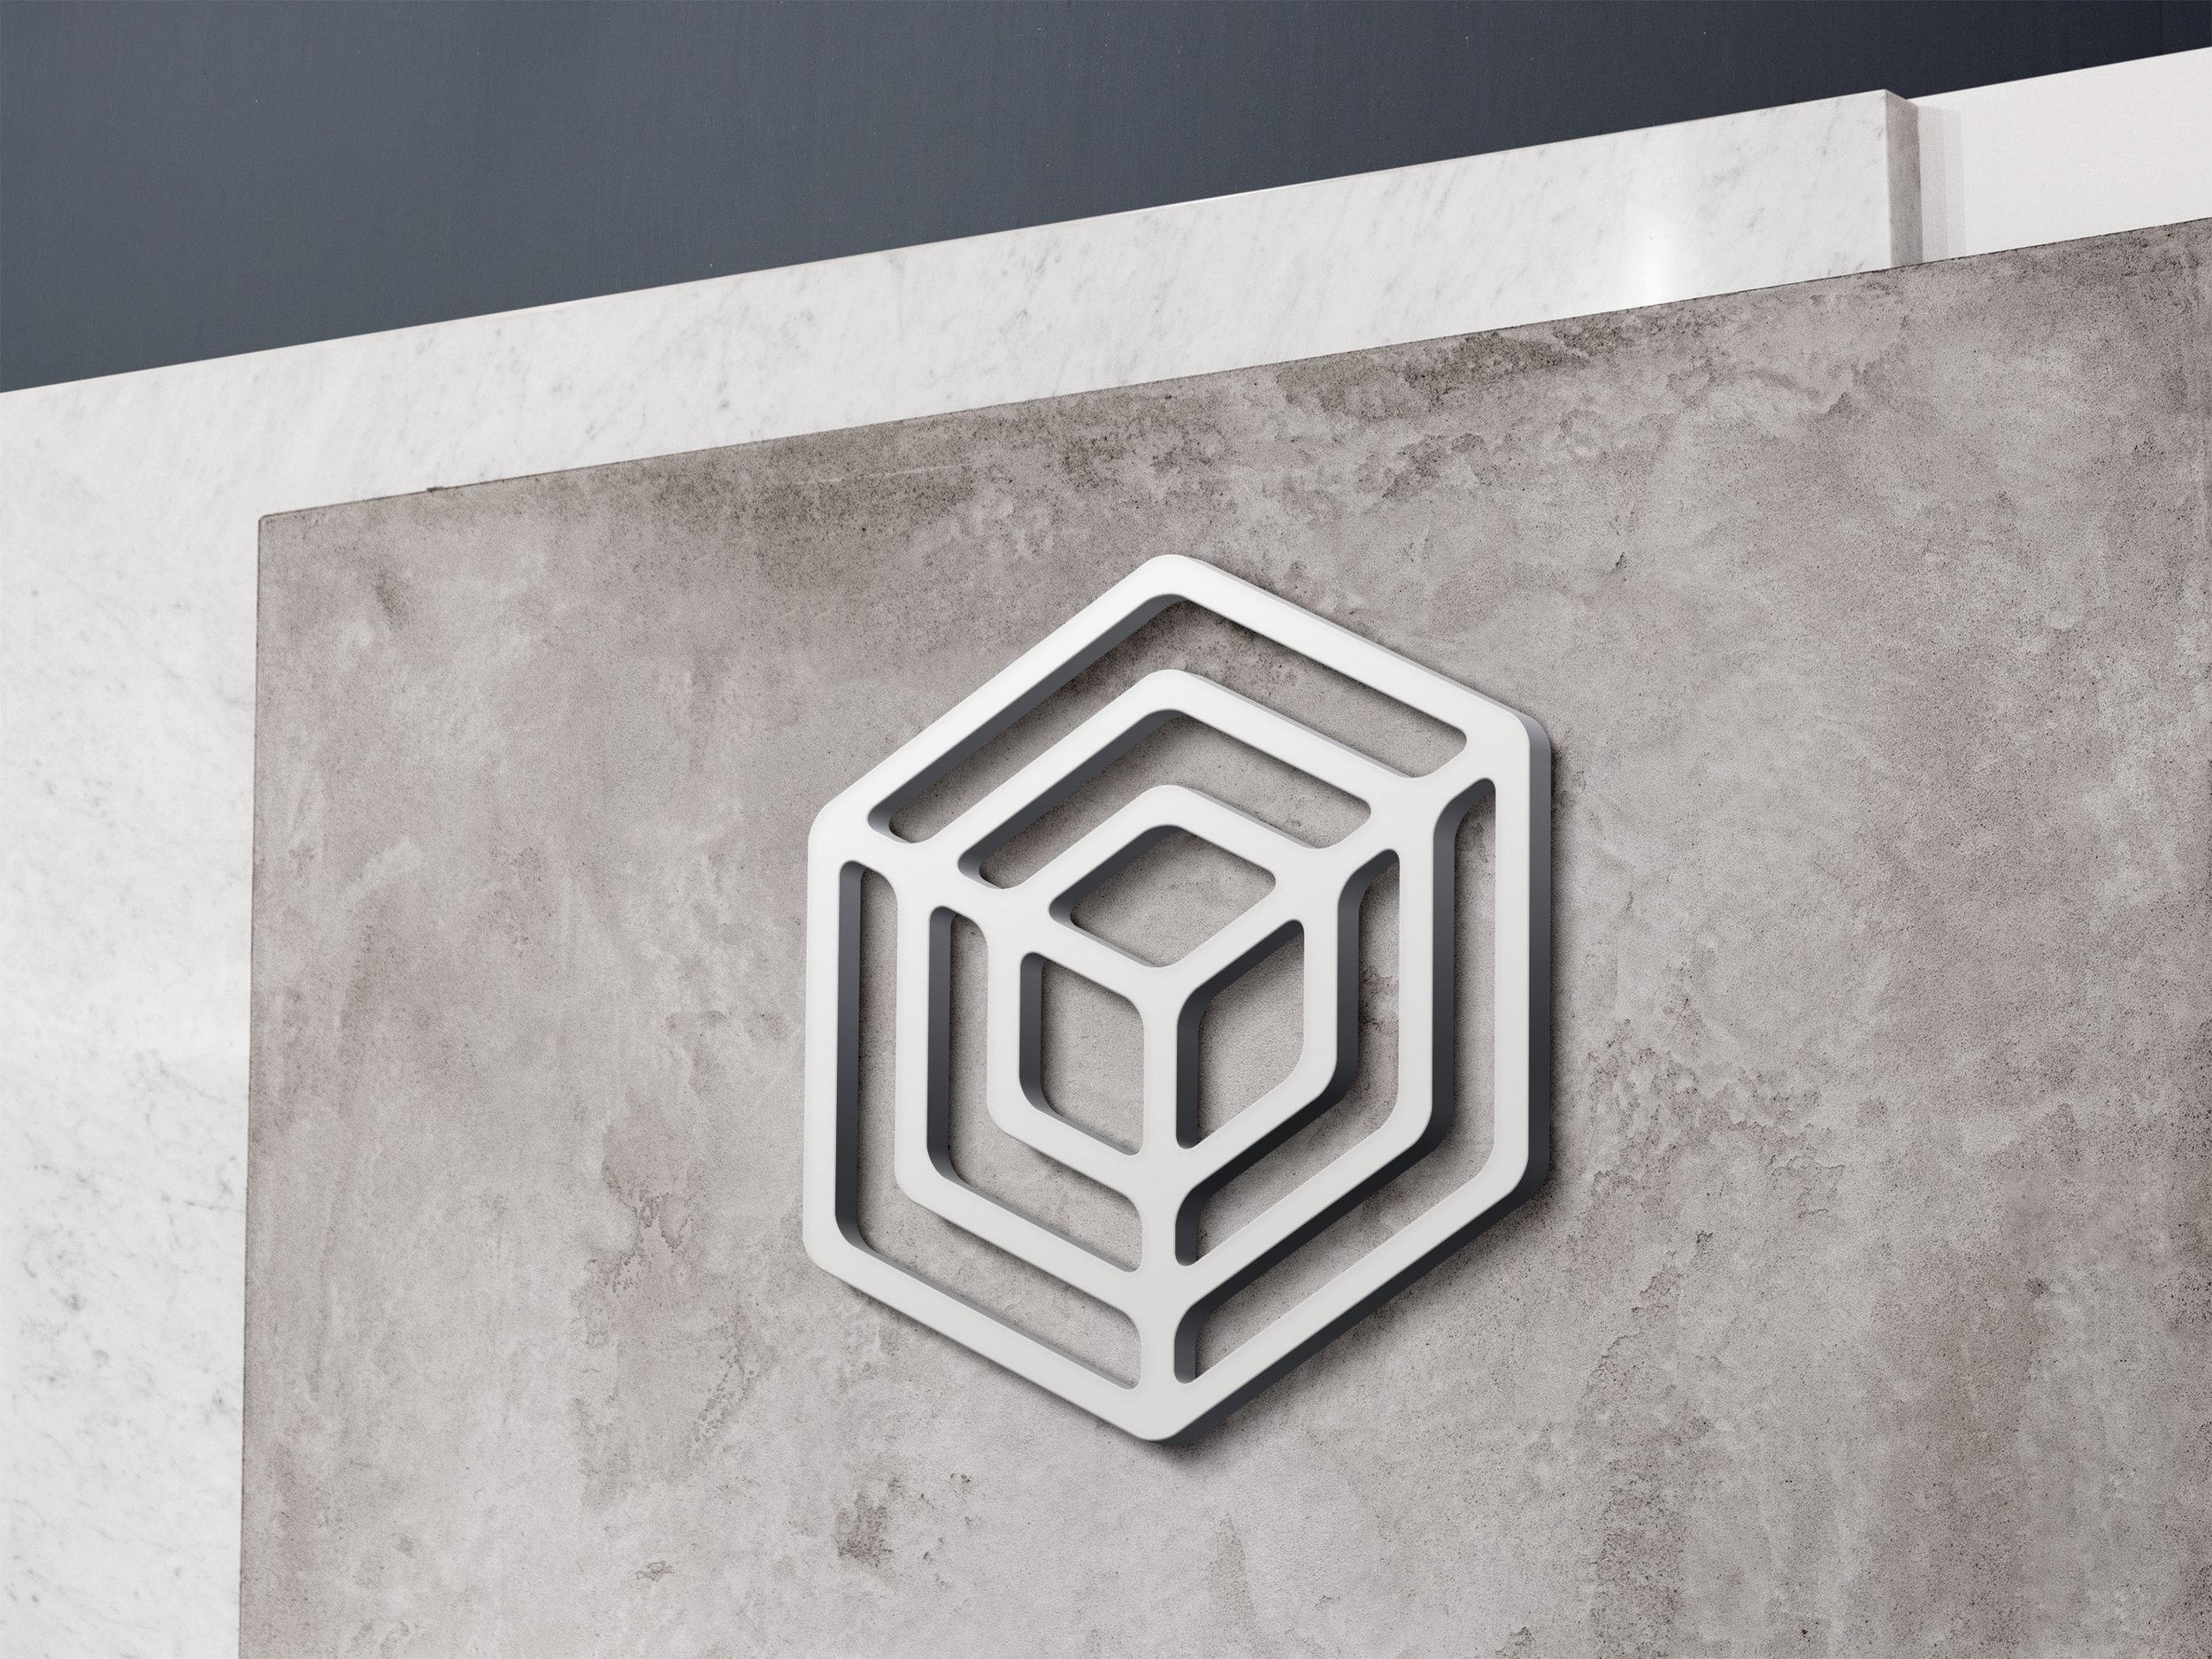 Signage: design